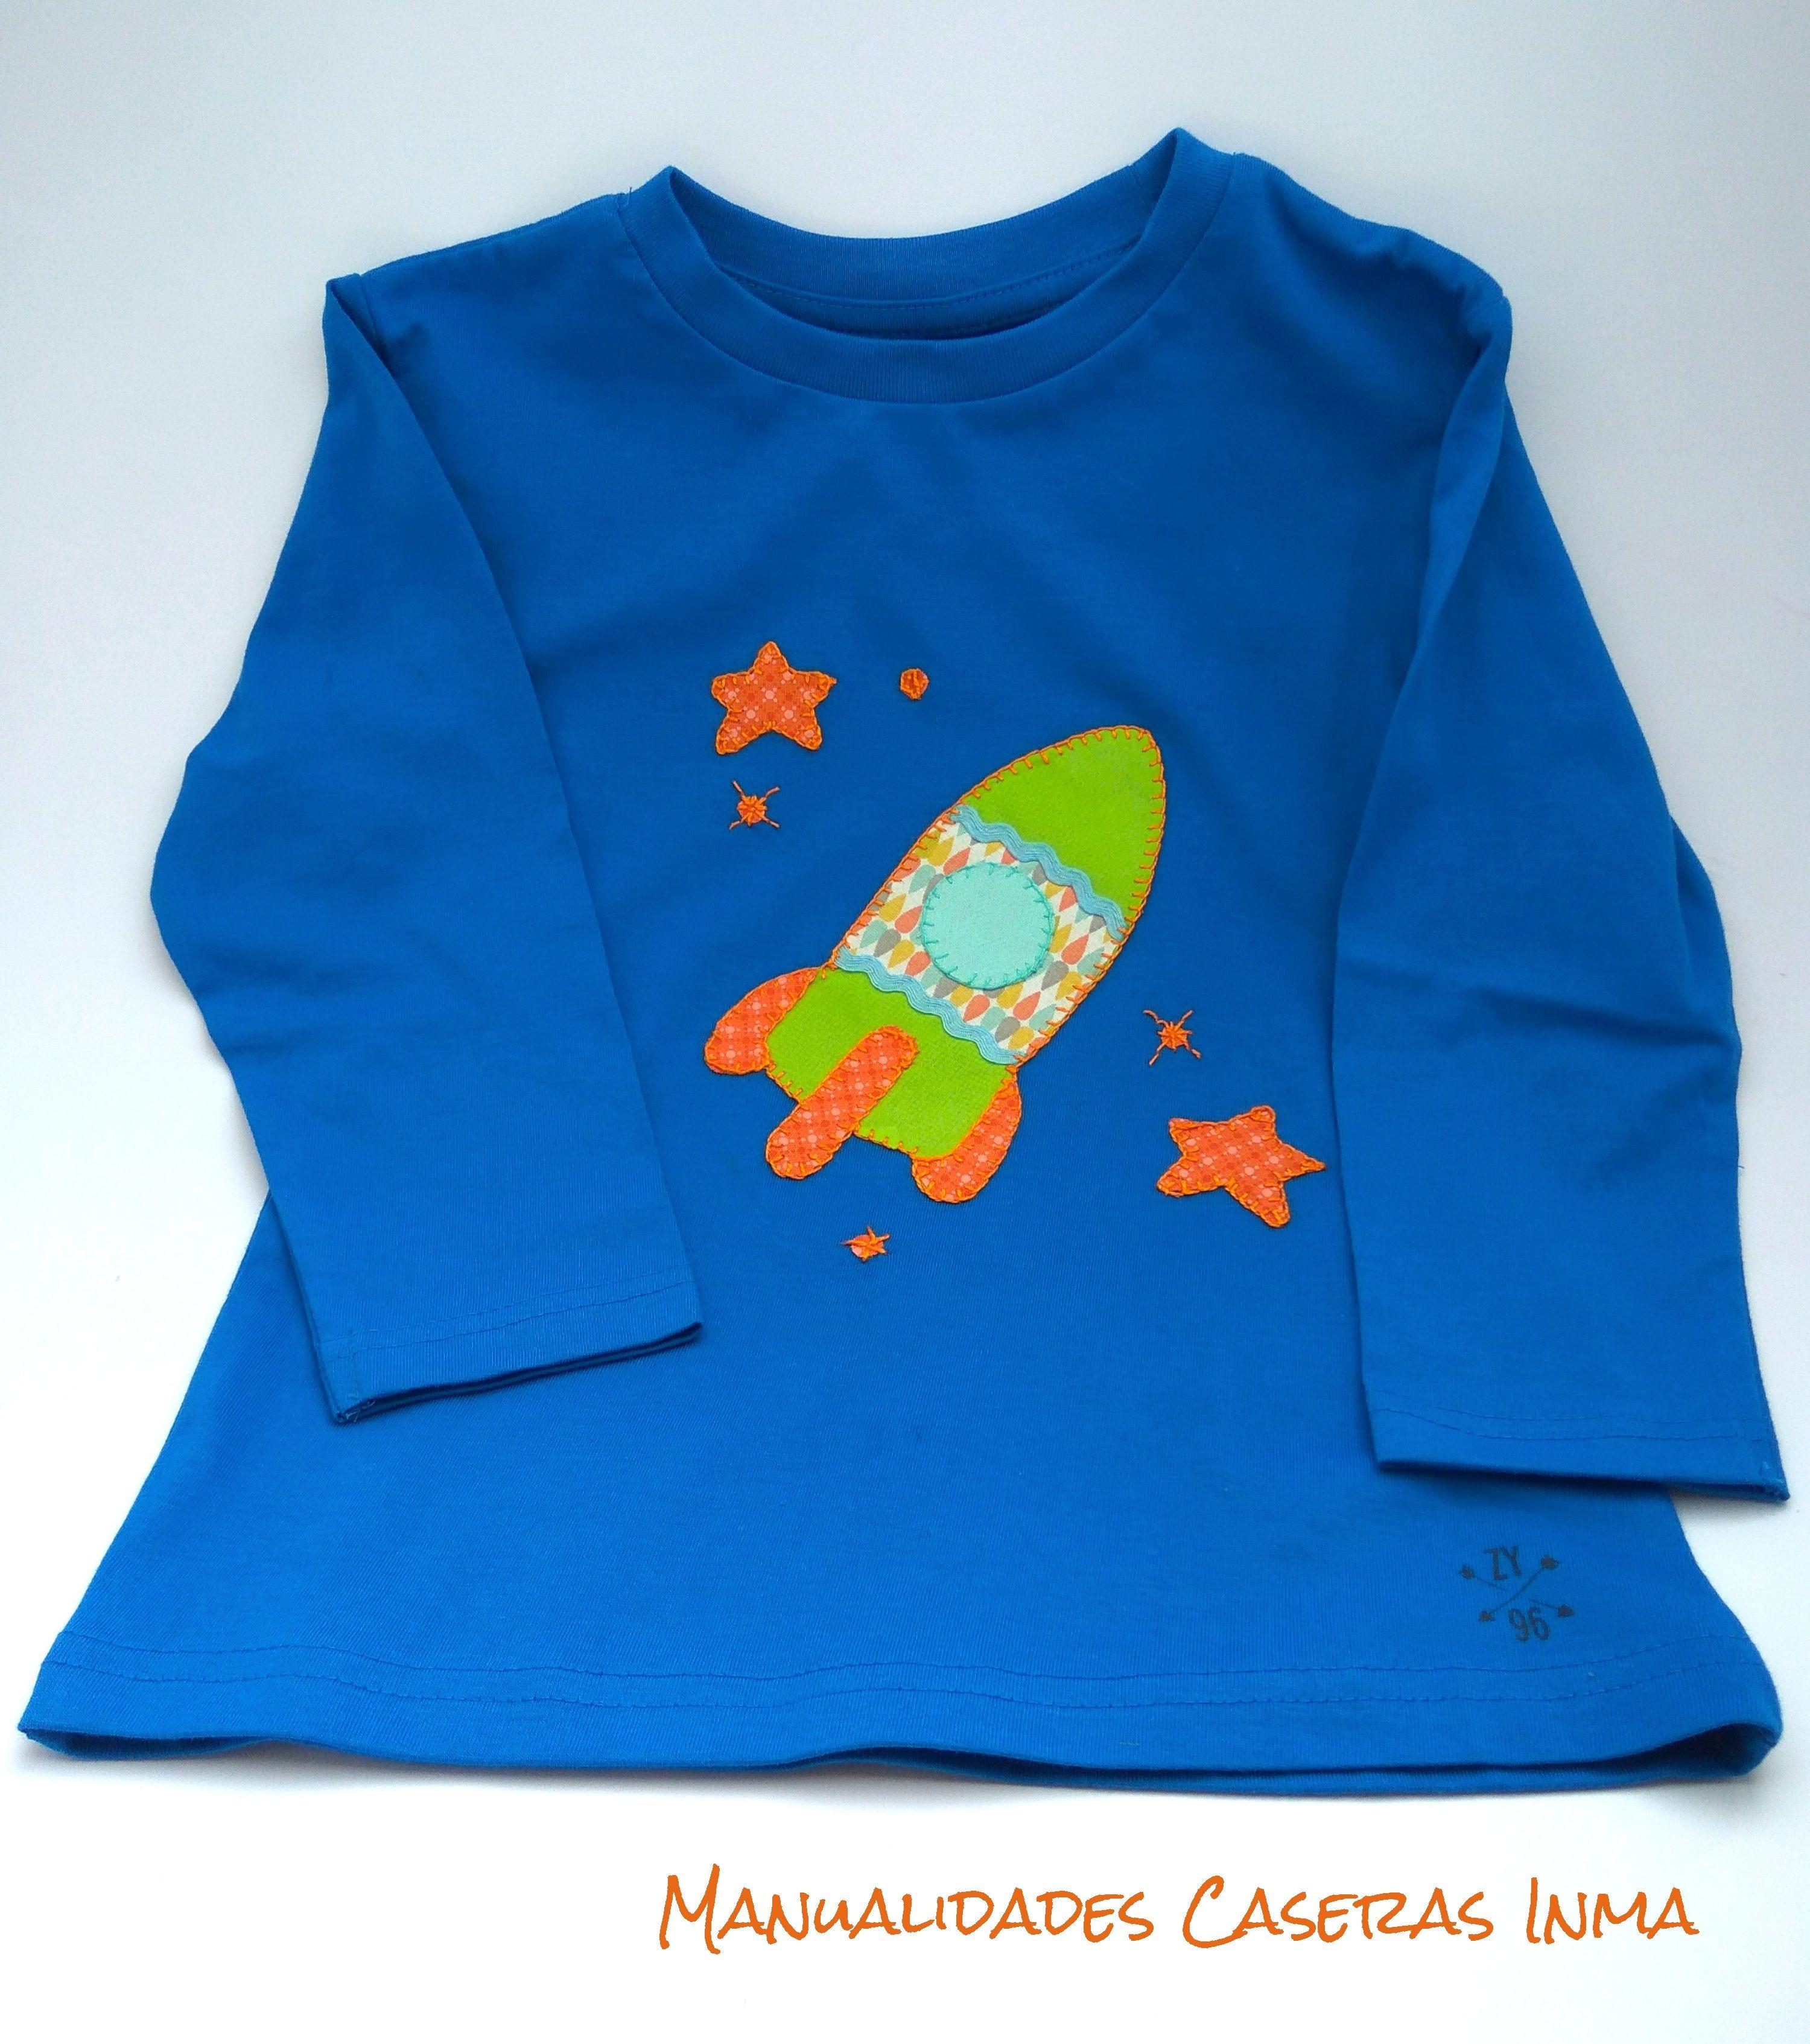 Manualidades Caseras Inma_ Camiseta cohete de colores en camiseta azul